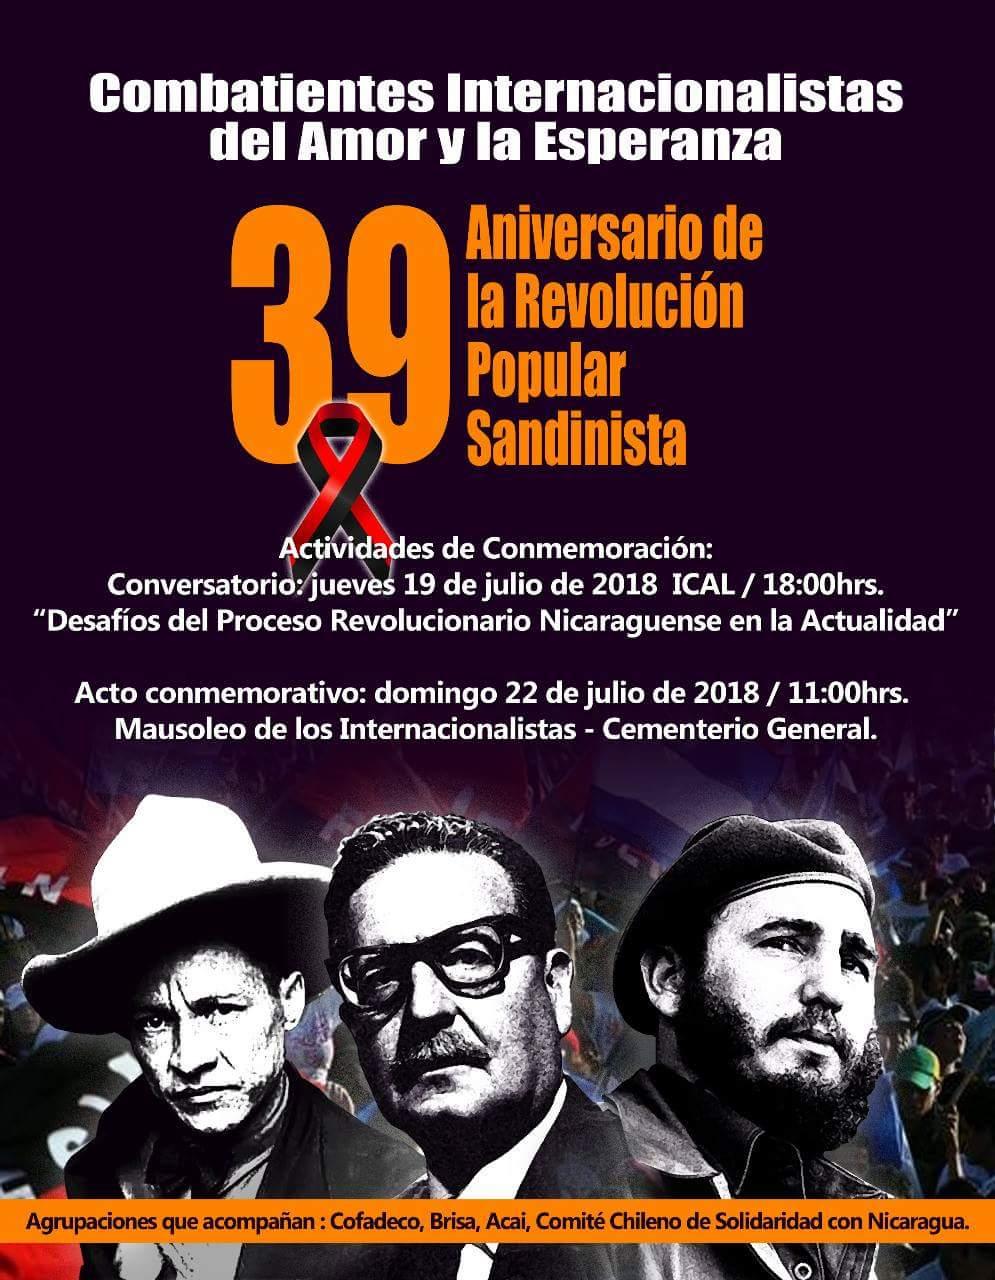 39 ANIVERSARIO DE LA REVOLUCIÓN POPULAR SANDINISTA